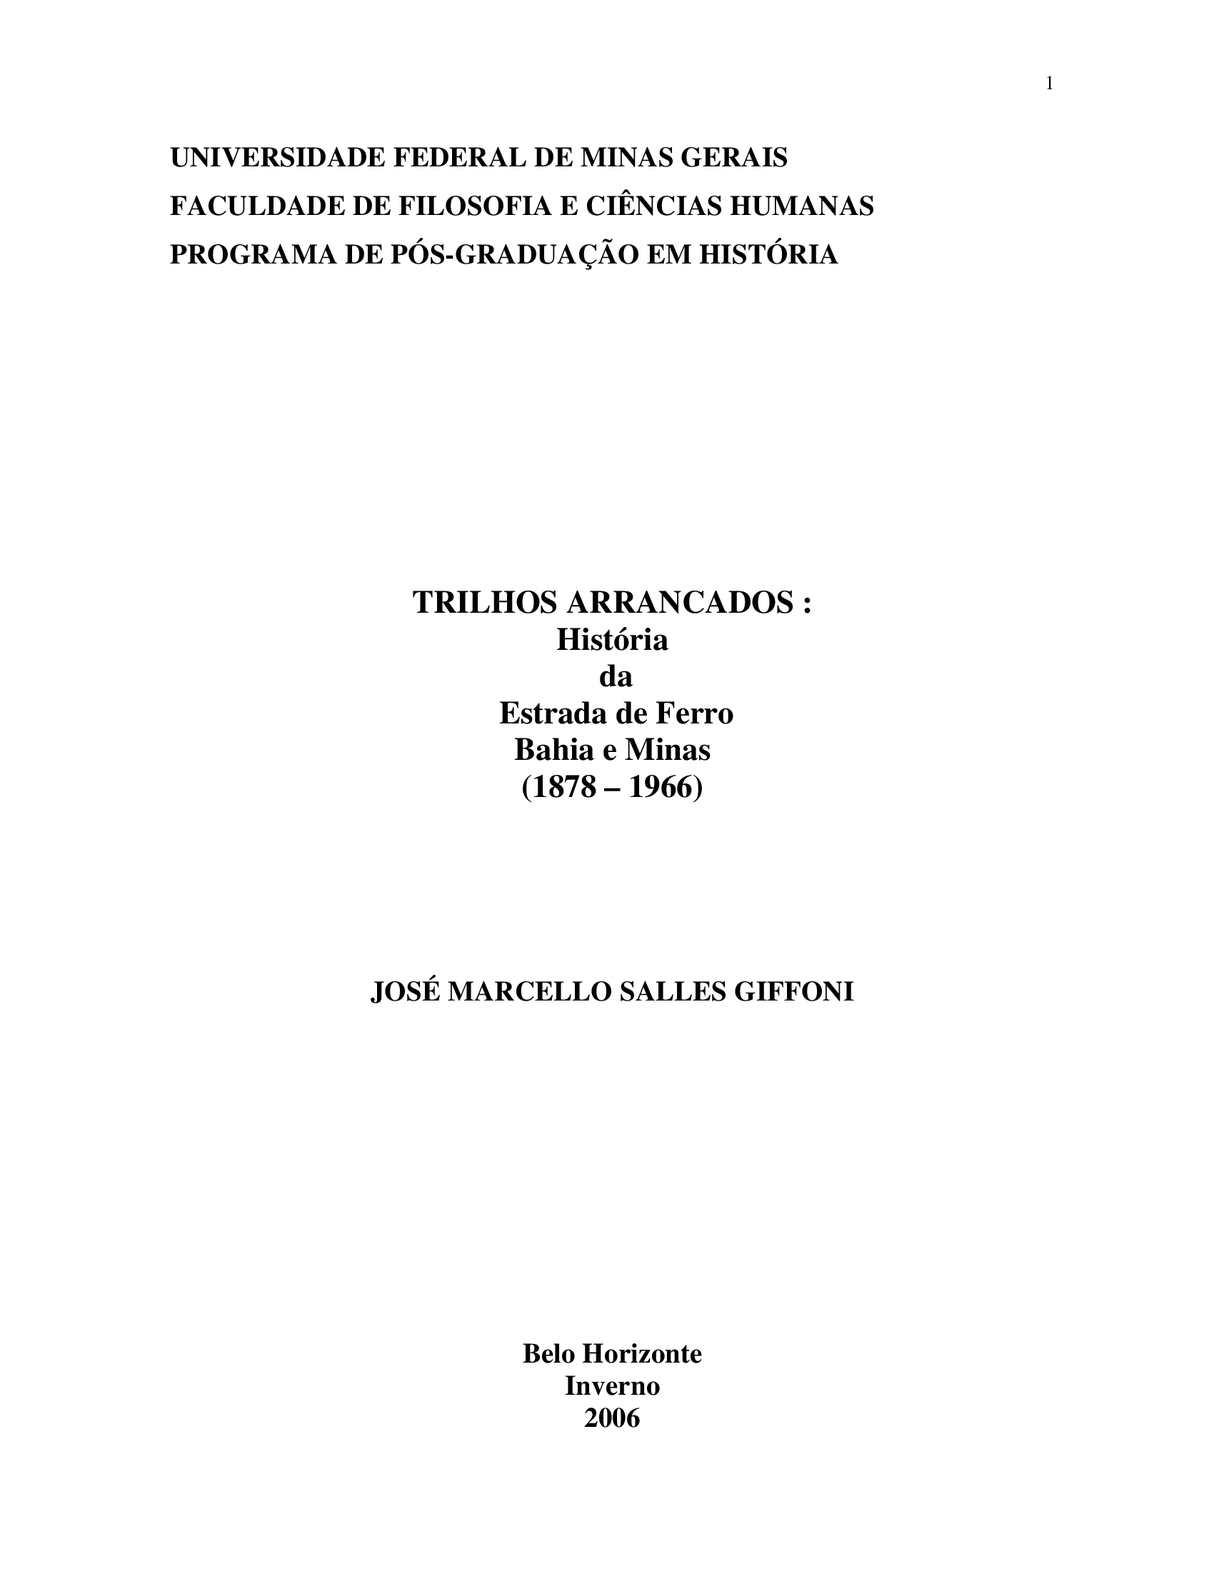 2d739918e Calaméo - TRILHOS ARRANCADOS - JOSE MARCELO SALLES GIFFONI - UFMG